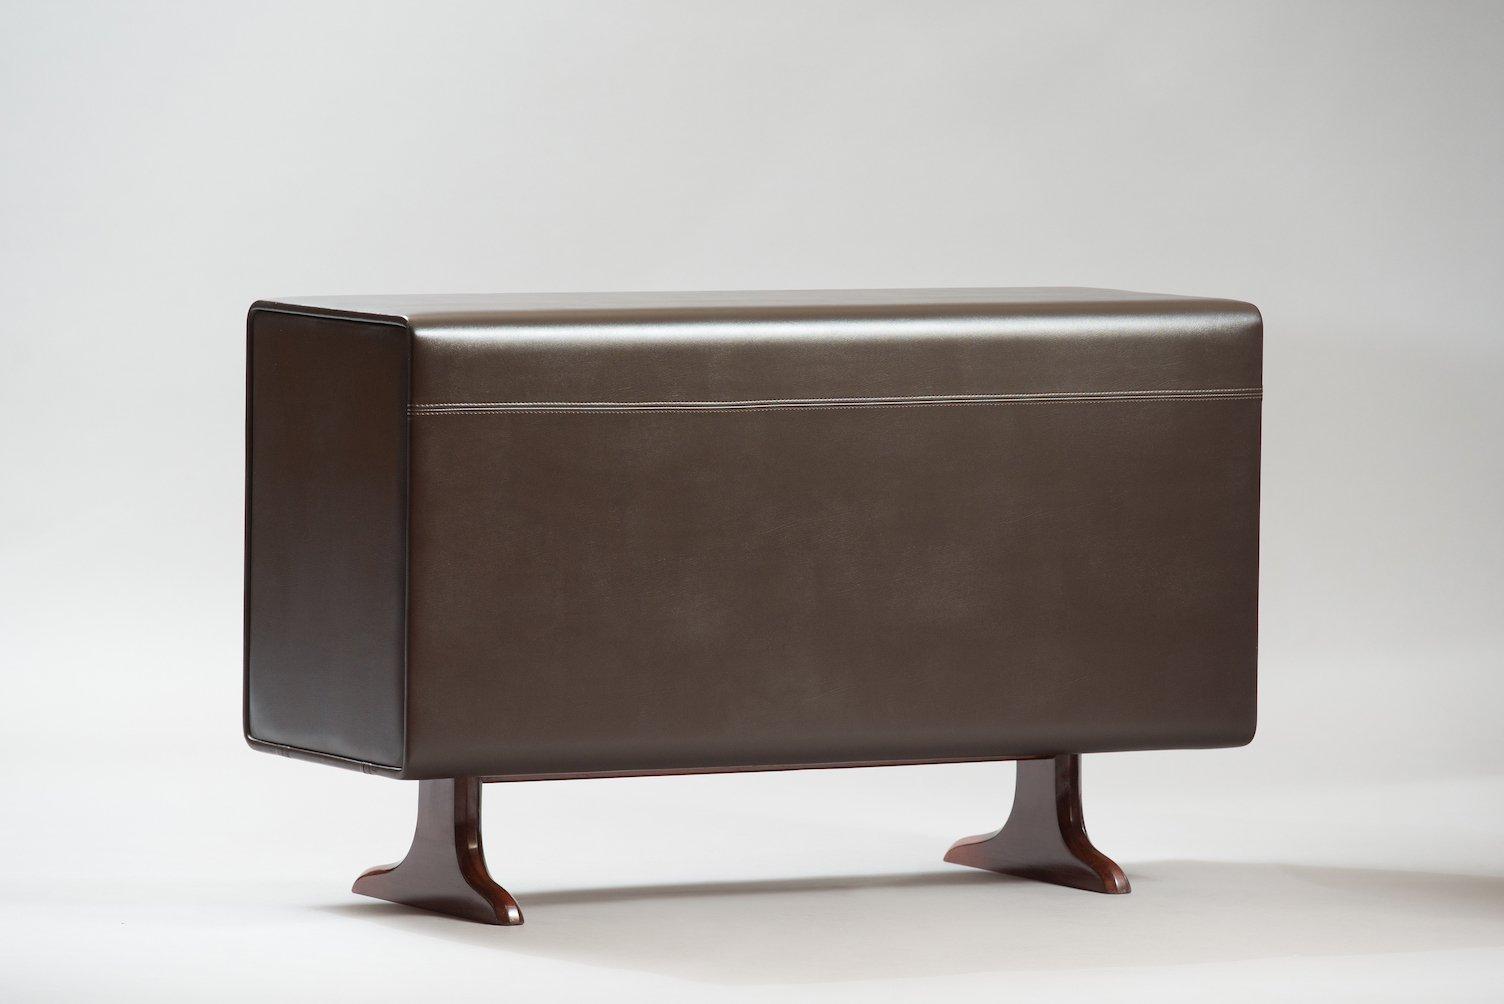 D nisches vintage b ro sideboard bei pamono kaufen for Sideboard danisches design